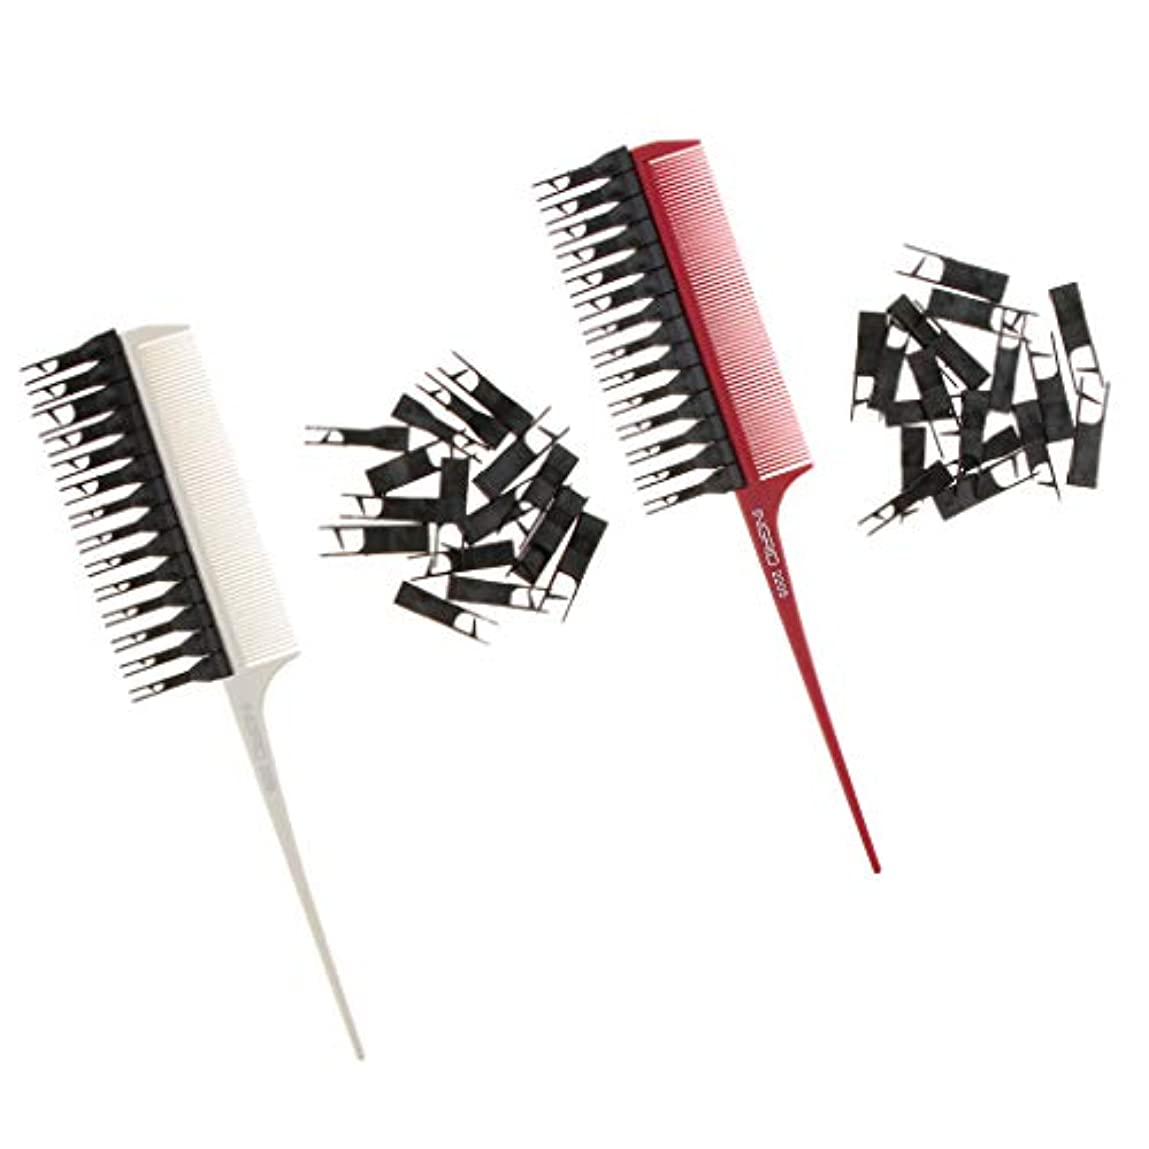 財産ギャロップ誇張するハイライトブラシ ヘアブラシ 髪染めブラシ 2個セット